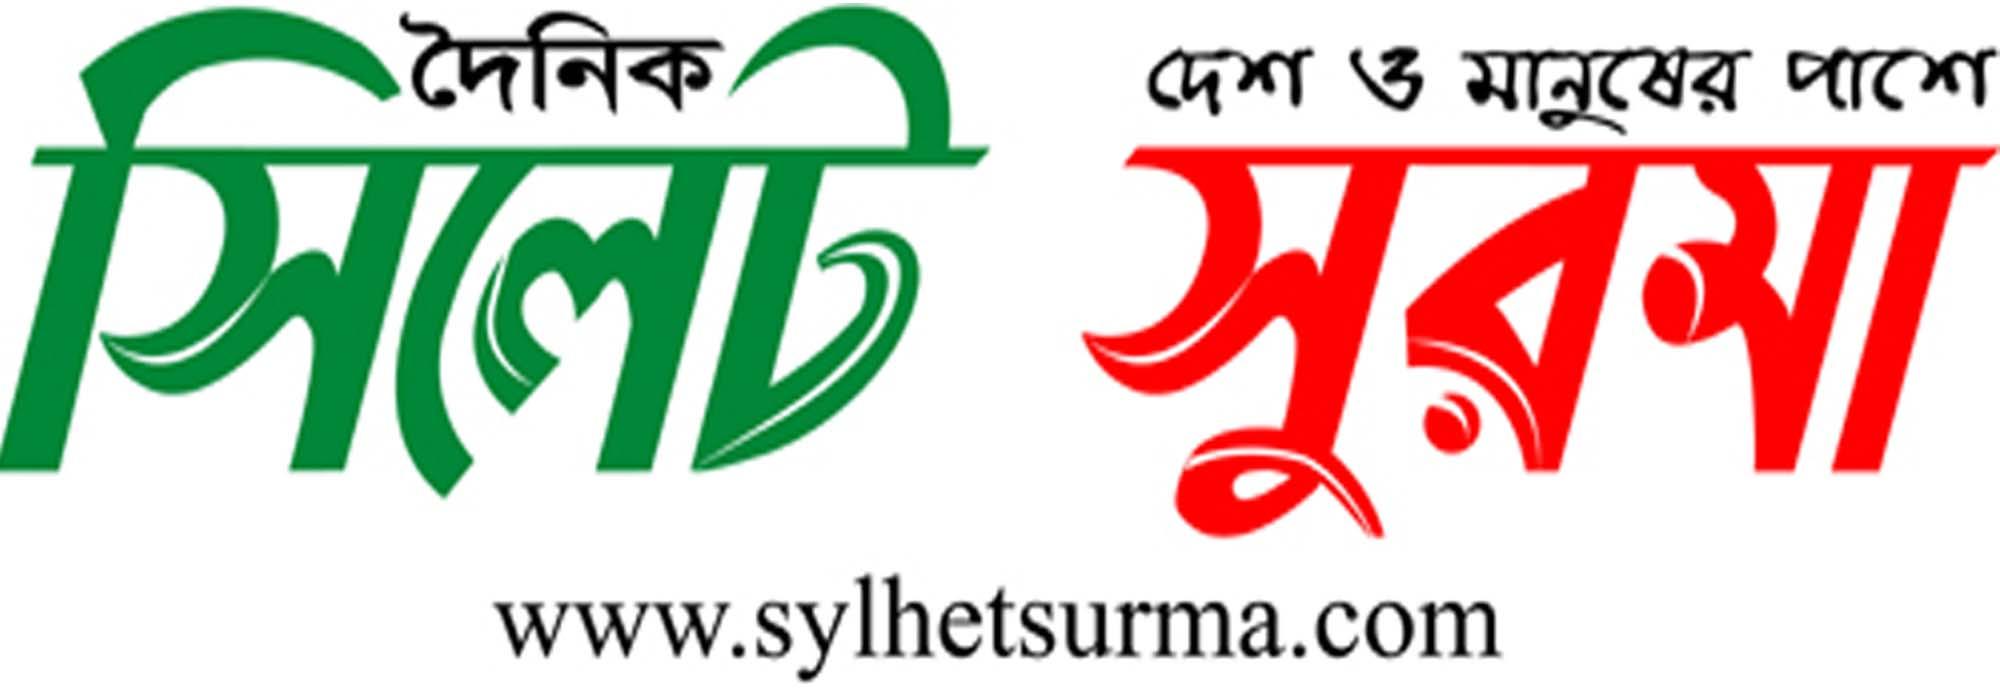 Daily Sylhet Surma | logo